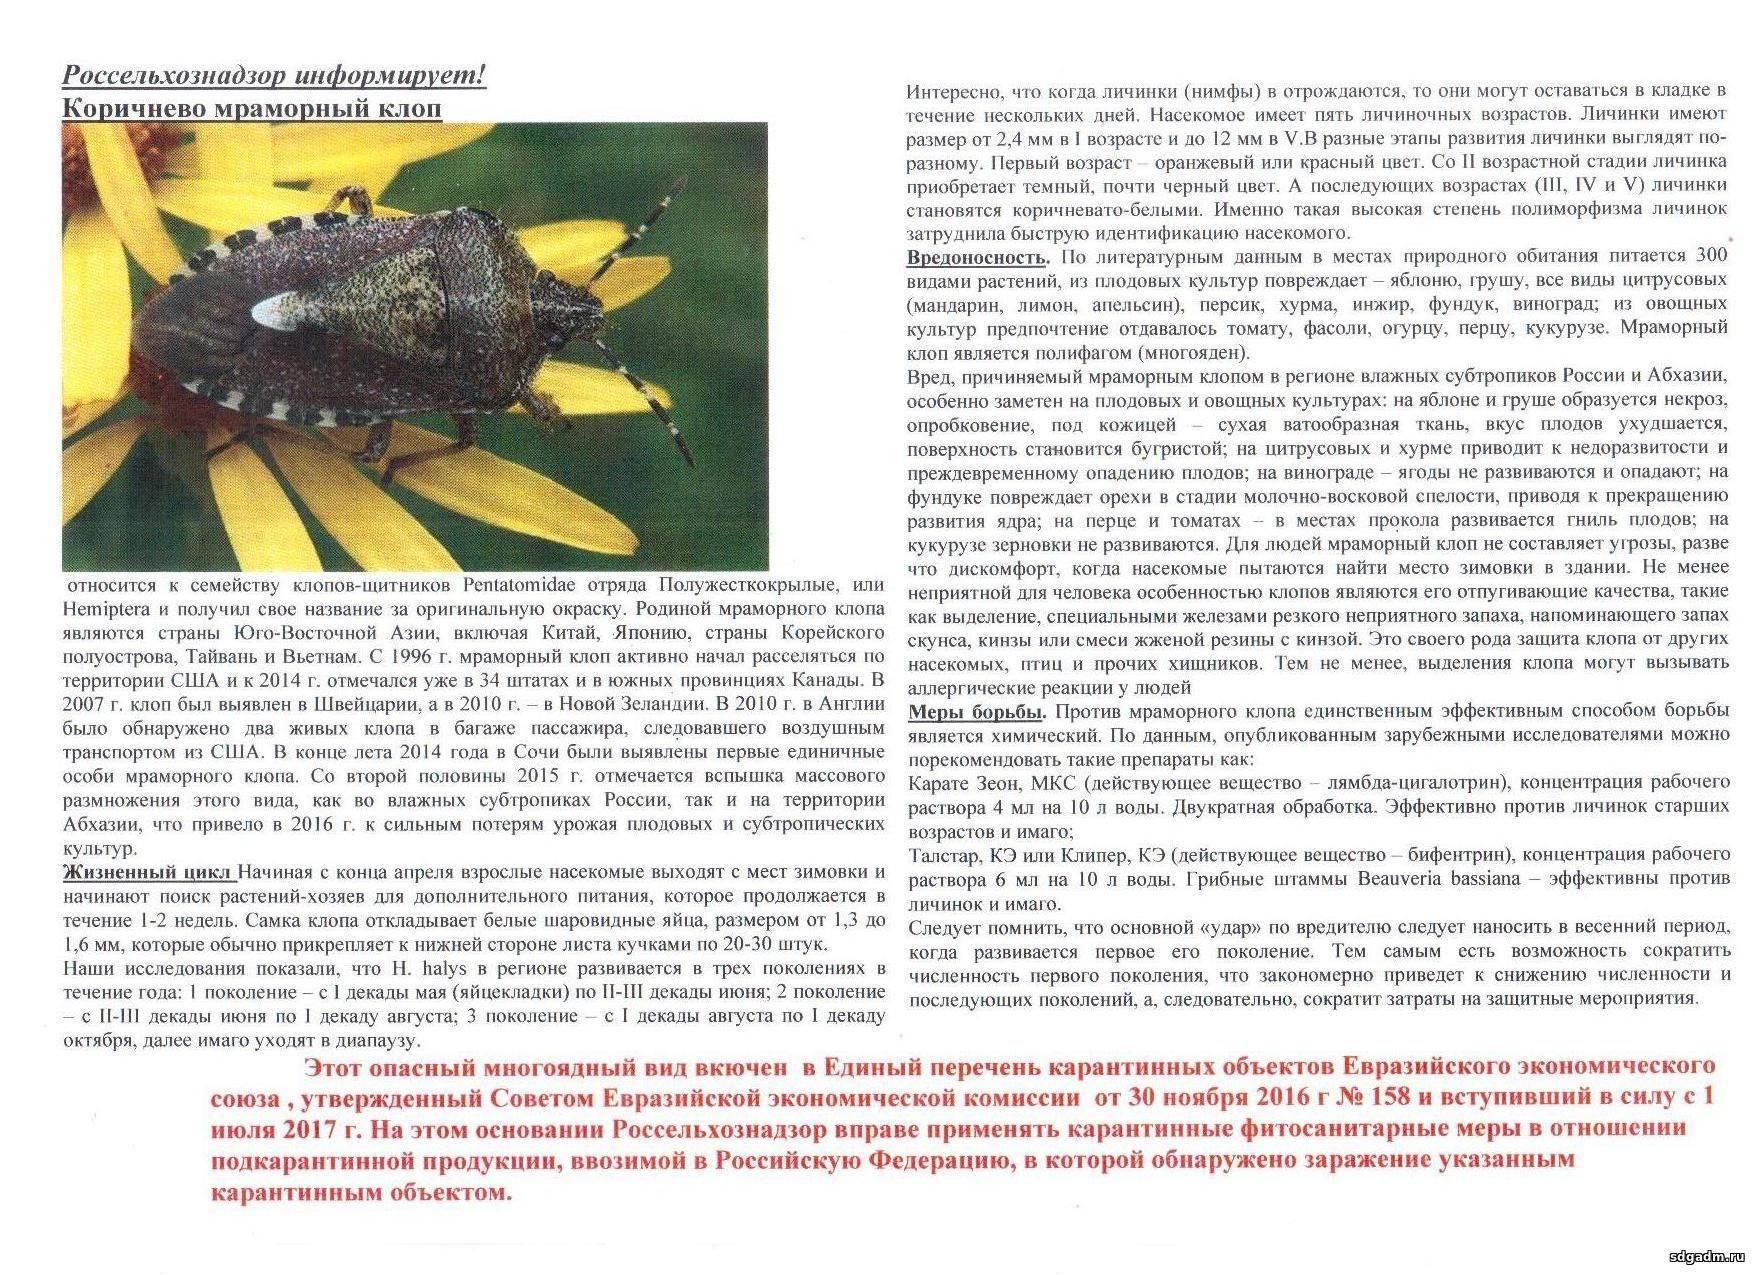 Мраморный клоп – чем питается, как размножается и кто его ест